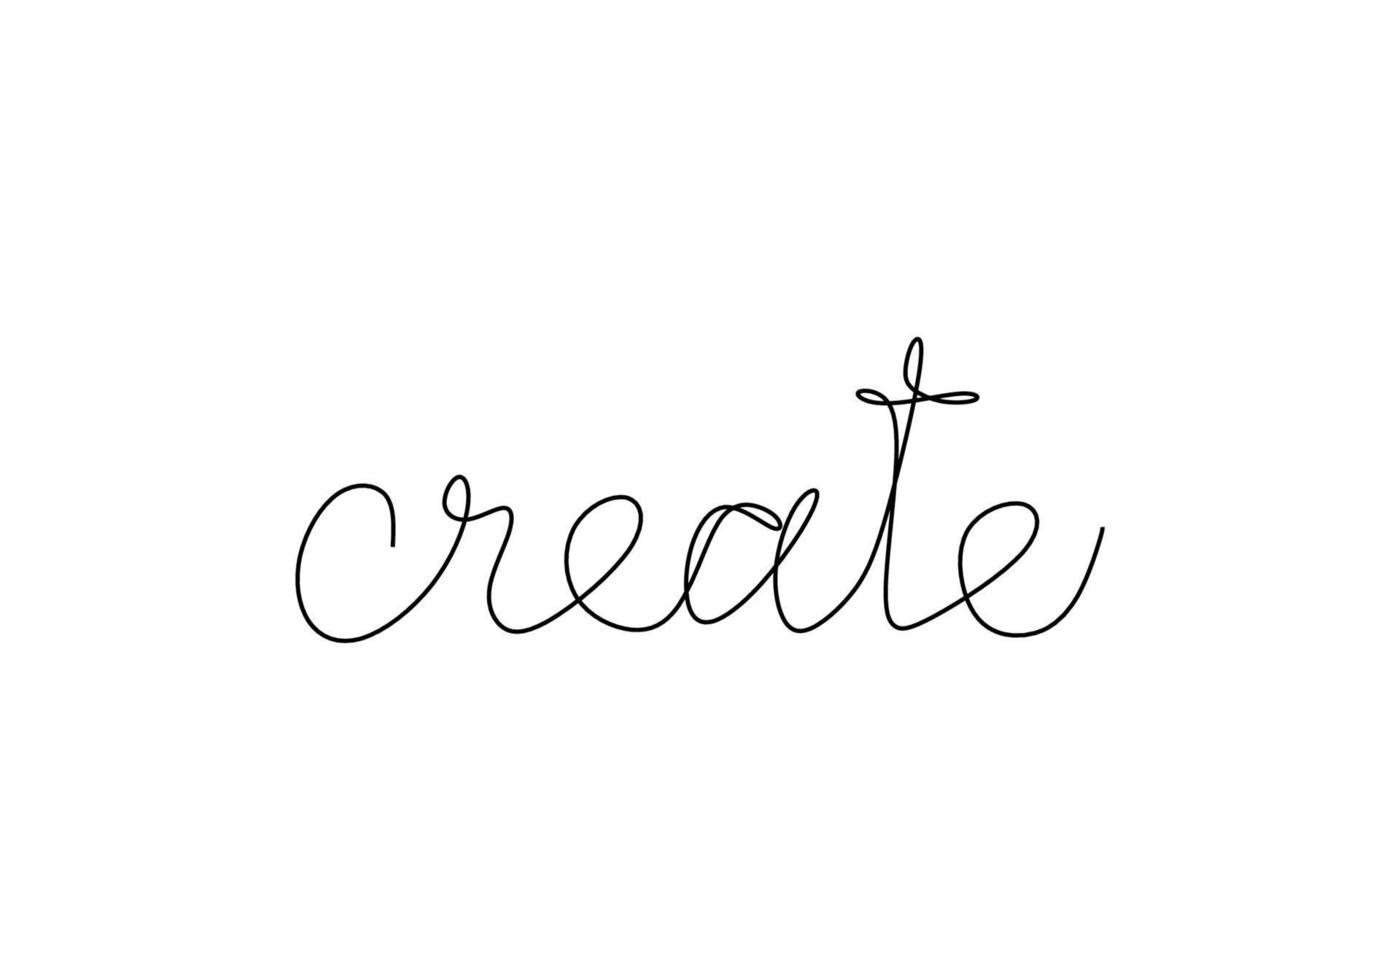 handskrivet skapa ord en rad. handritad bokstäver. kalligrafi. en radritning av frasen. kontinuerlig svart linje ritning skapa ord. minimalistiska ord koncept. vektor